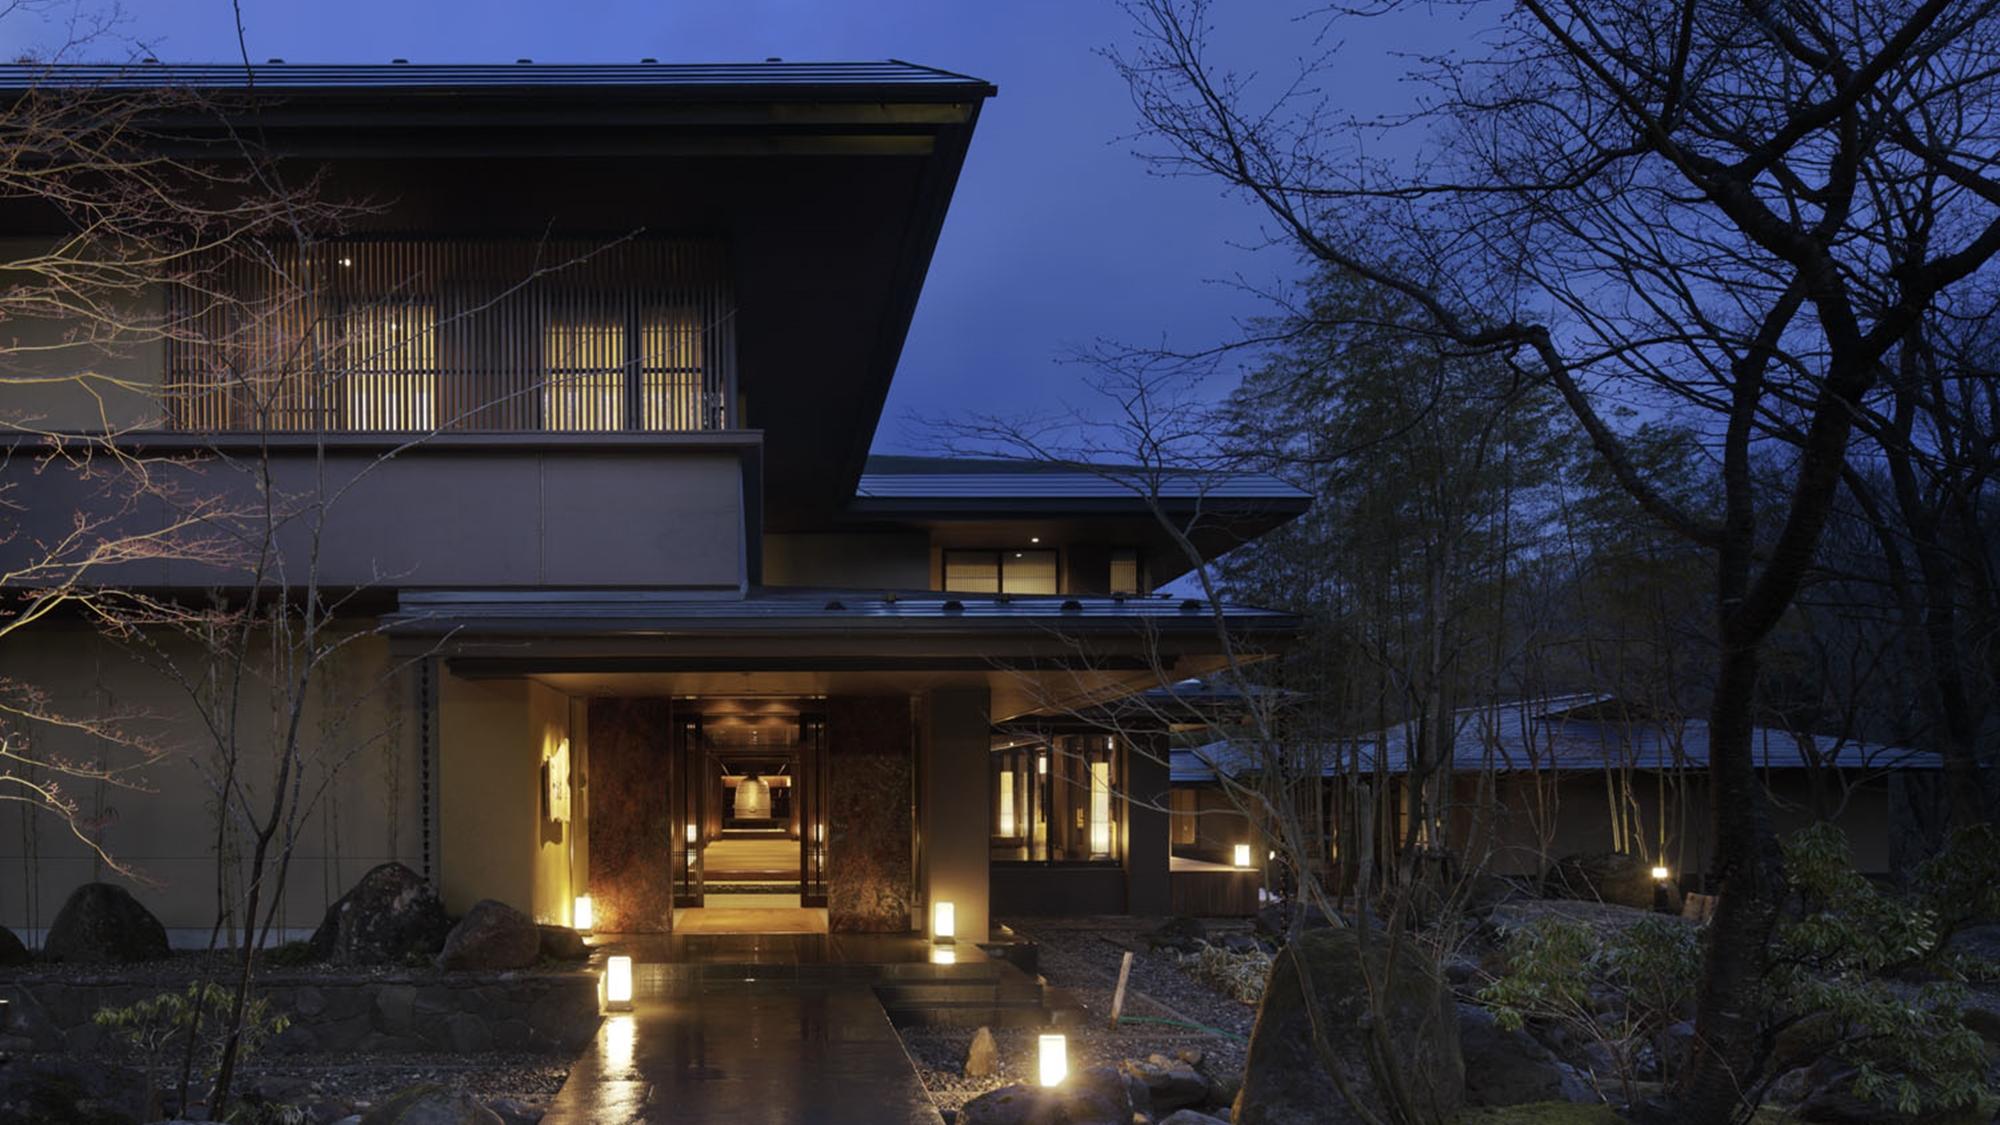 竹泉荘 CHIKUSENSO ONSEN image